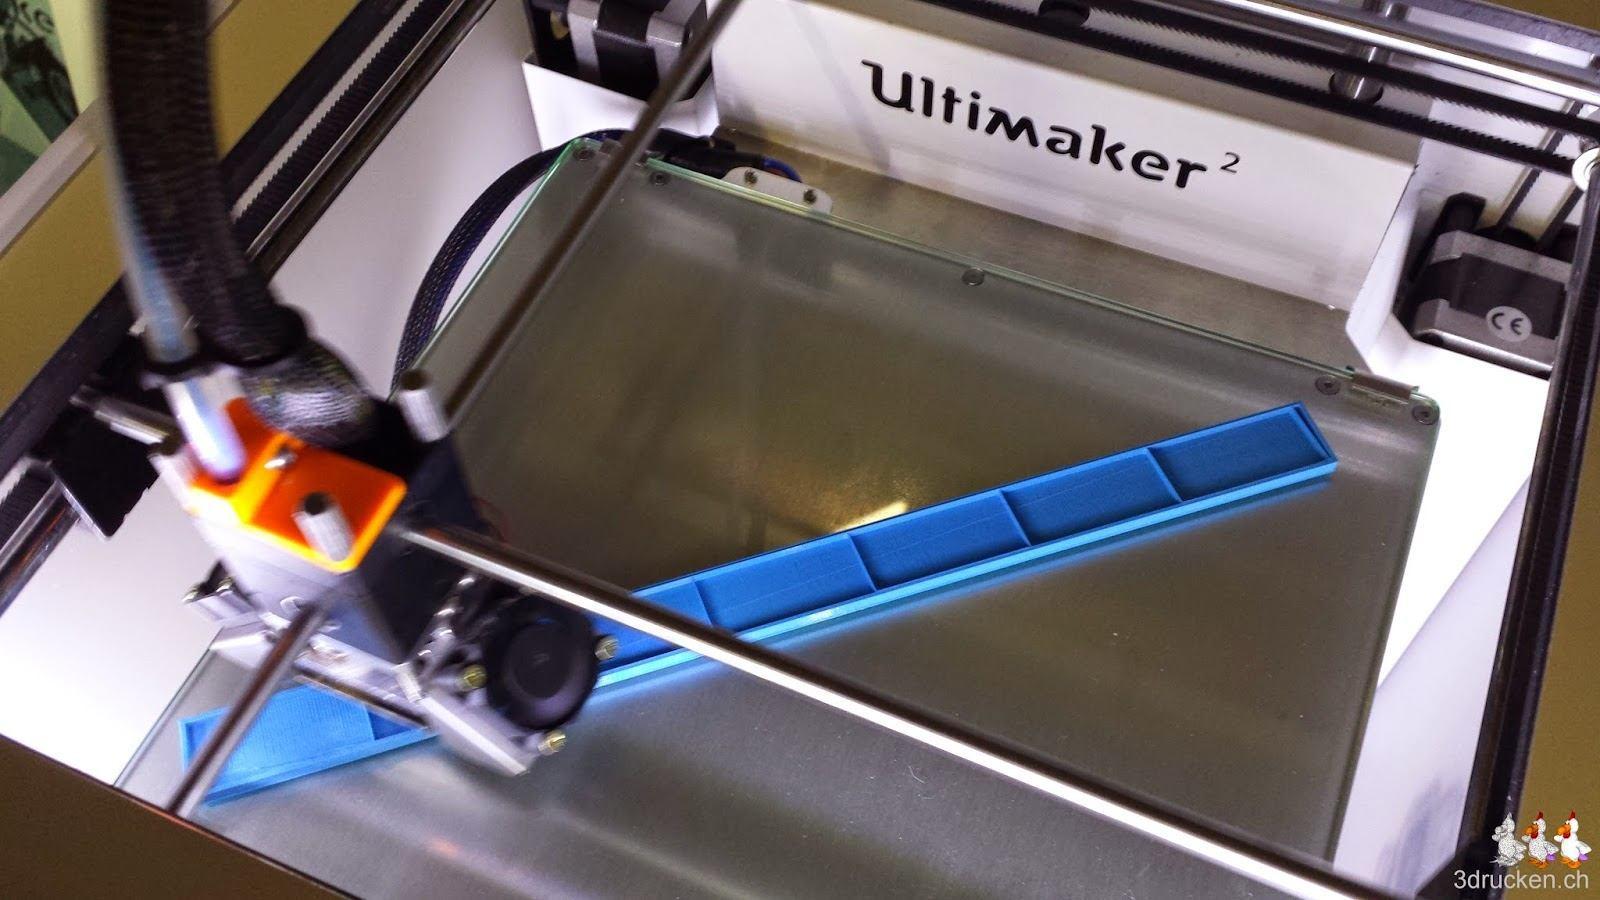 Foto während des Drucks des maximalen Quaders mit 20 mm Dicke im Ultimaker 2